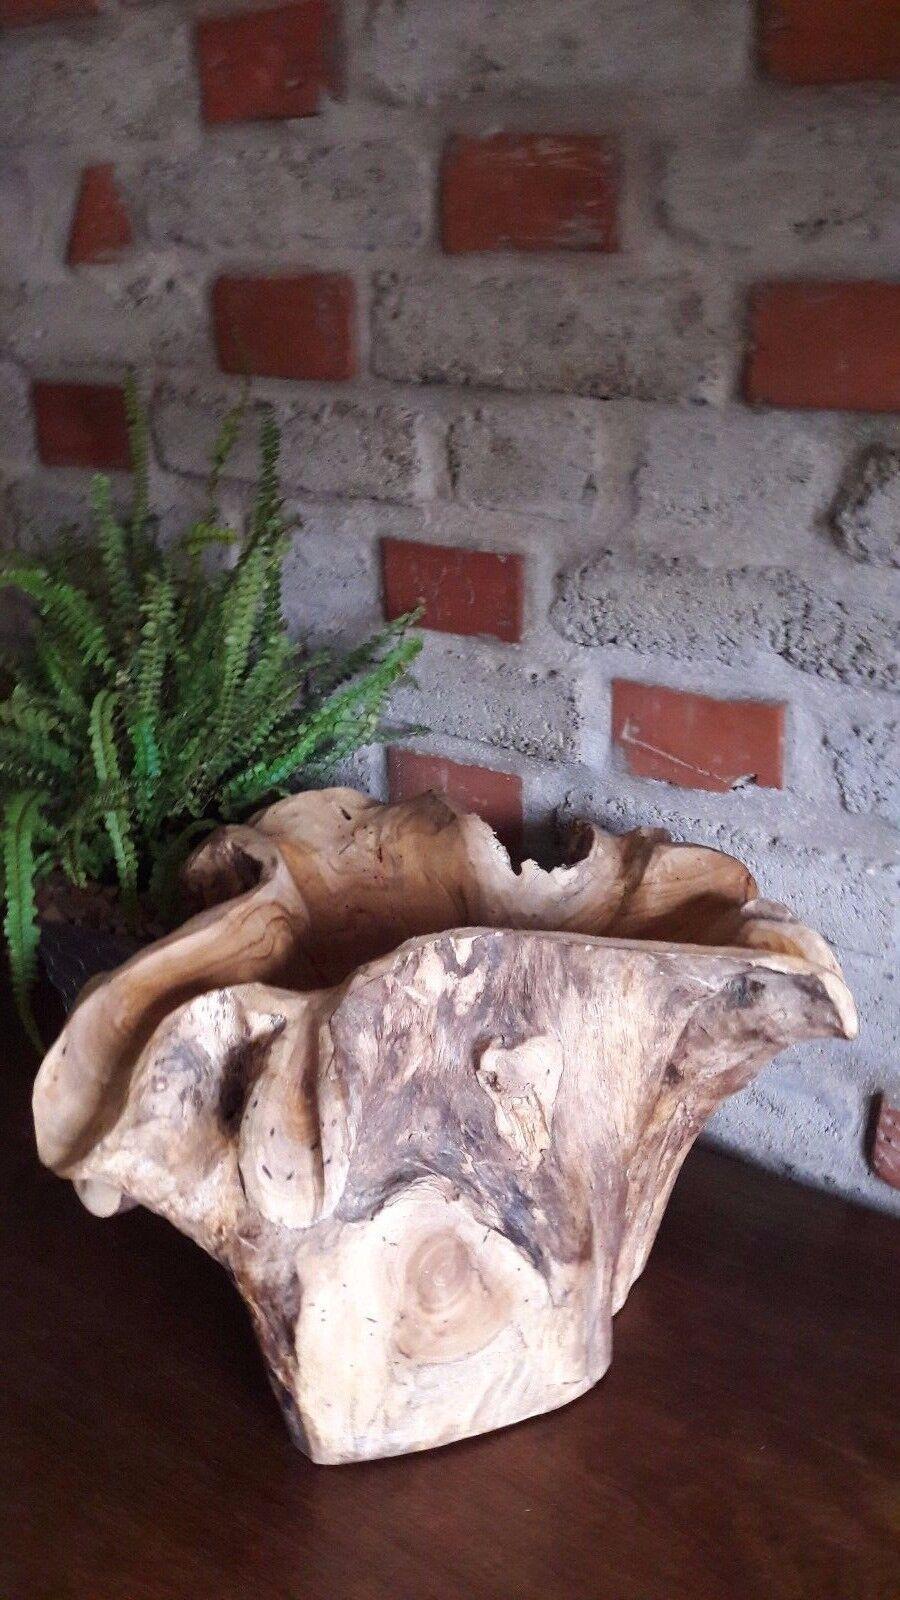 Pflanzenkübel Teakholz Teakholz Teakholz Wurzel Wild Unikat Blaumen Deko Massiv Rustikal Asiagarten | Merkwürdige Form  ee1b00